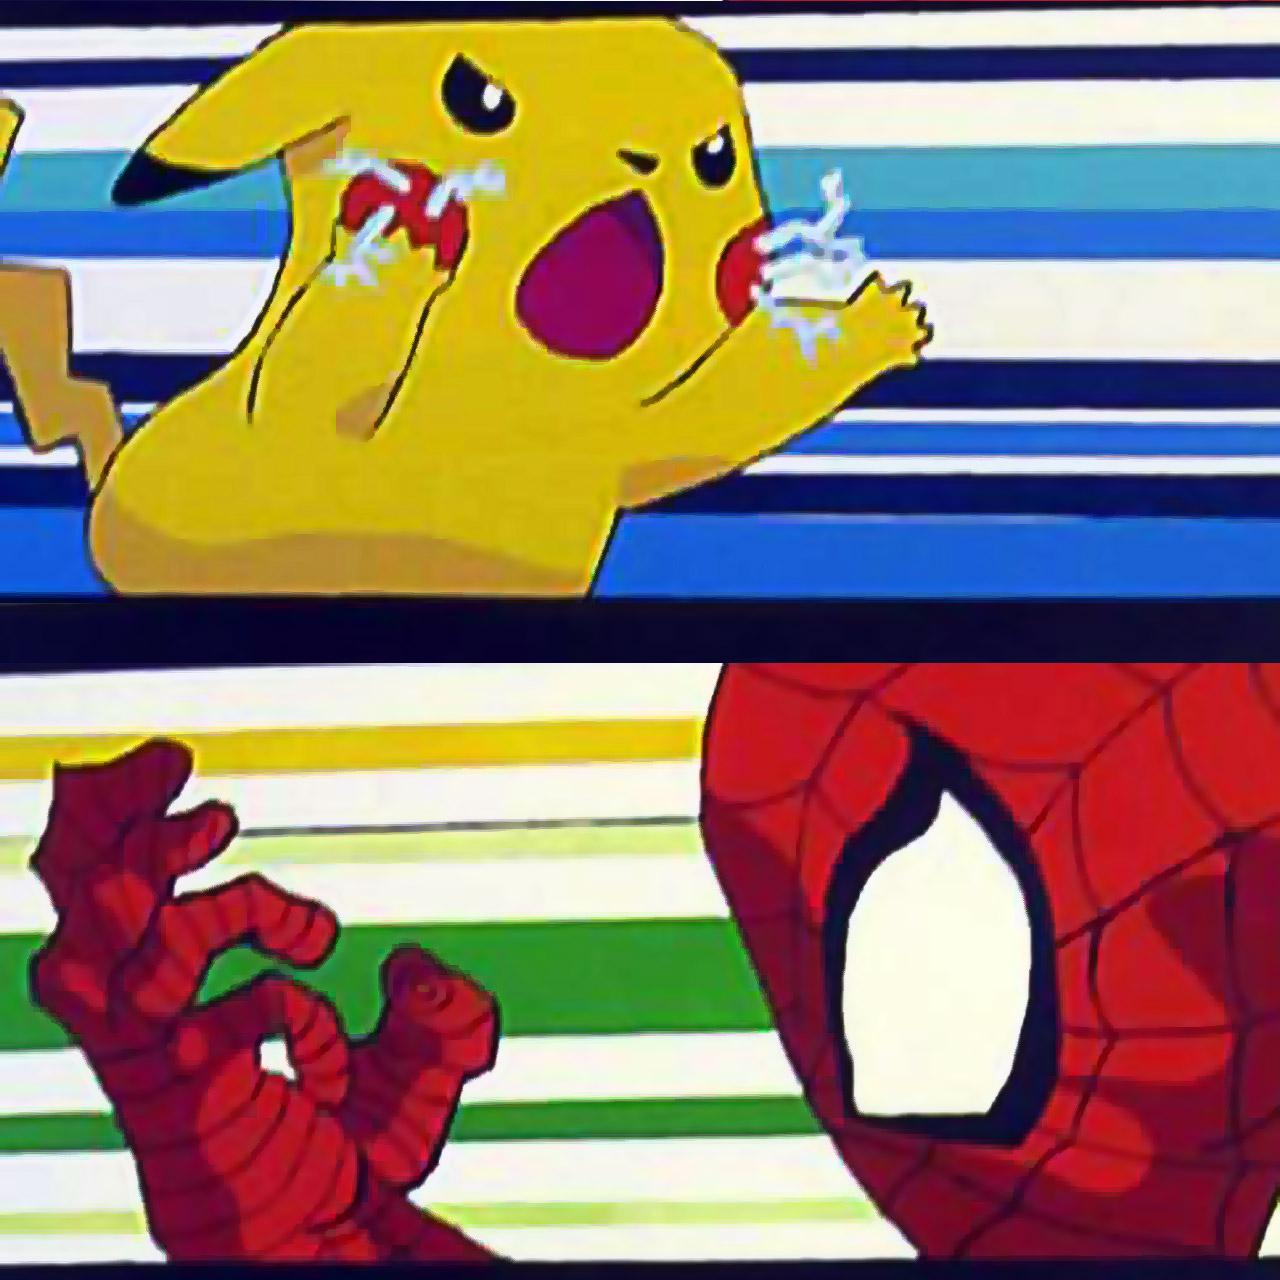 Pikachu vs Spider-Man parkour race